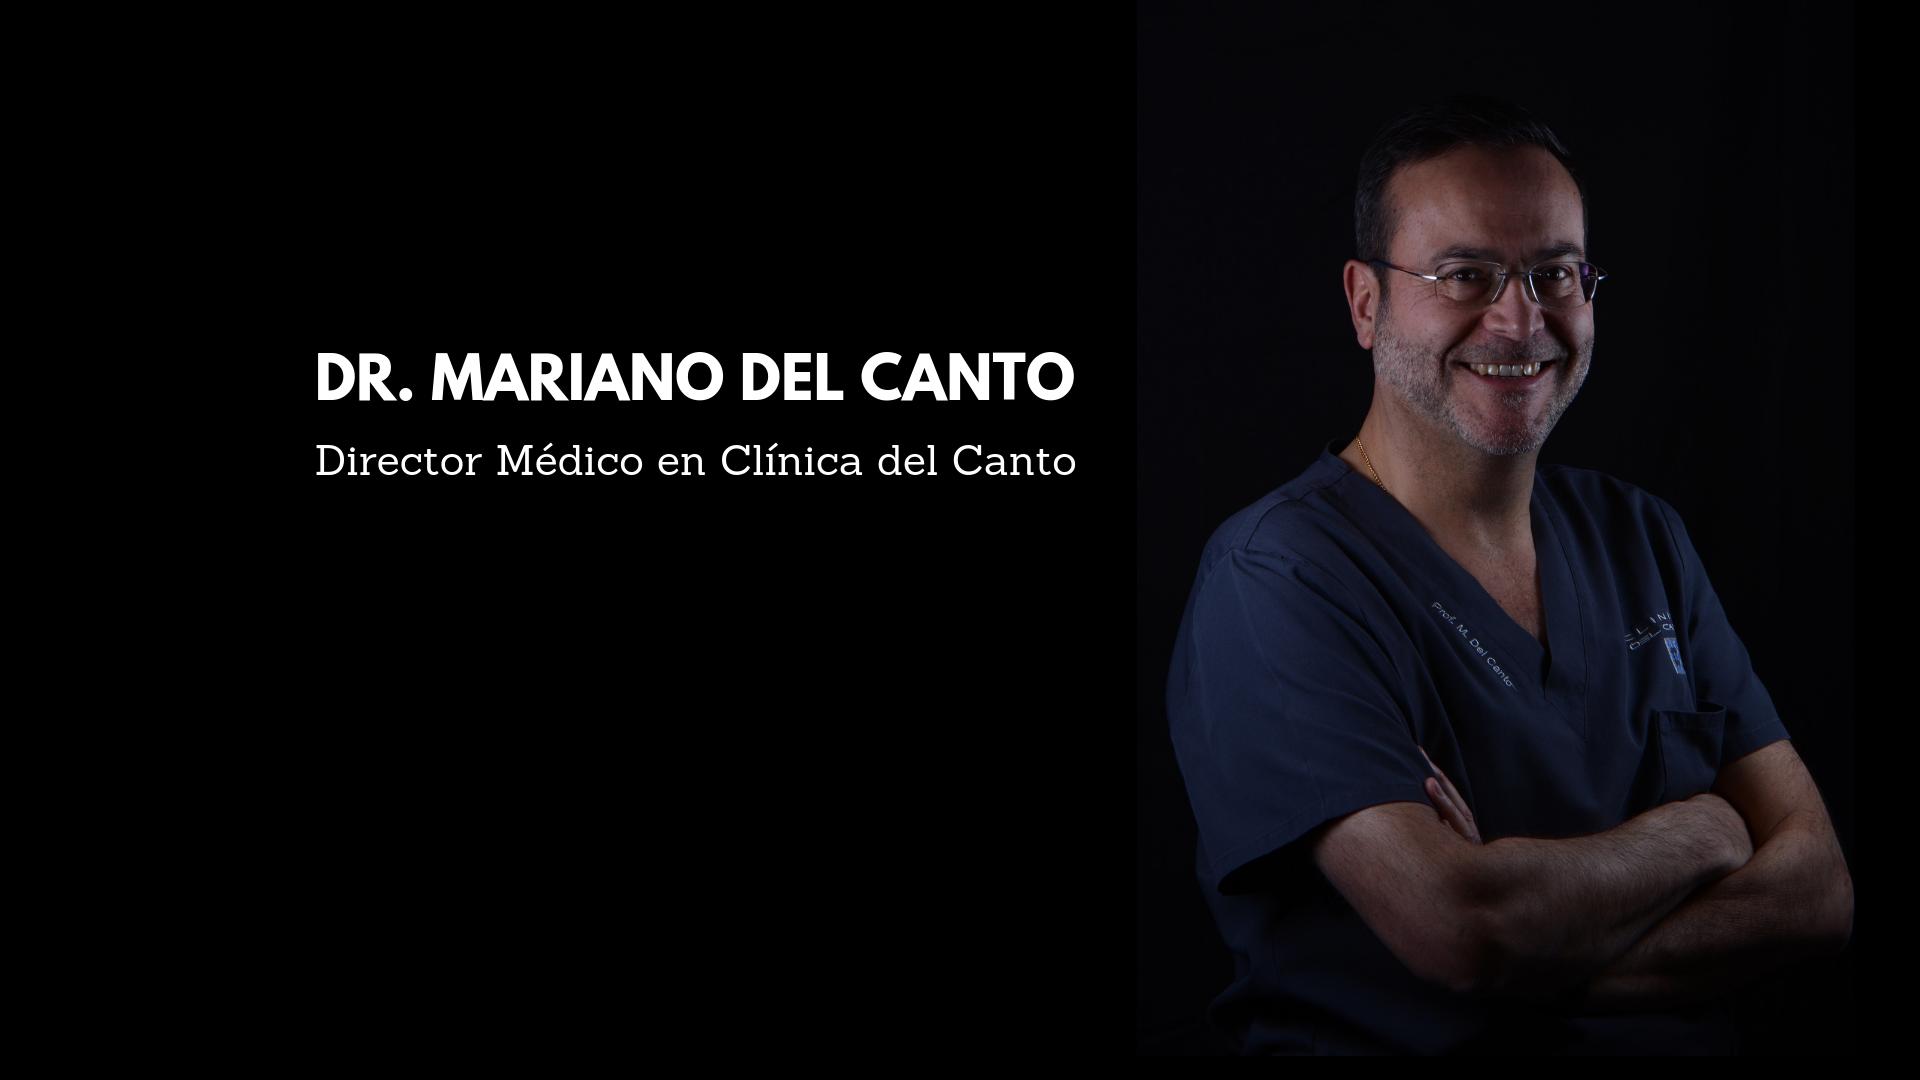 Dr. Mariano del Canto - Clinica del Canto